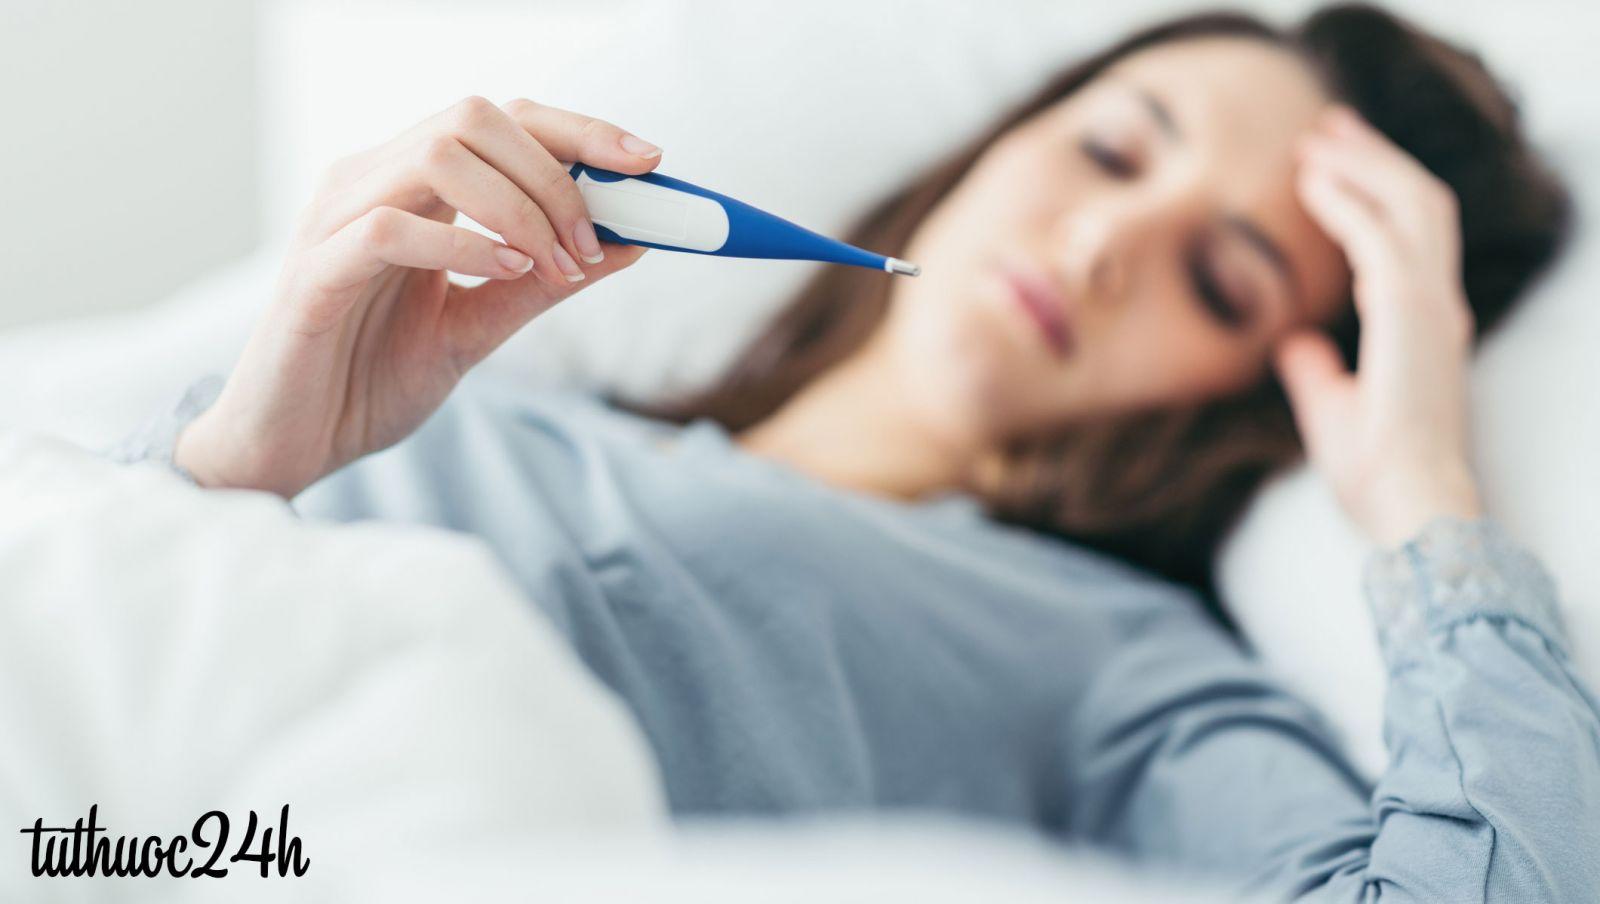 Điều trị ngay cảm cúm trước các biến chứng nguy hiểm